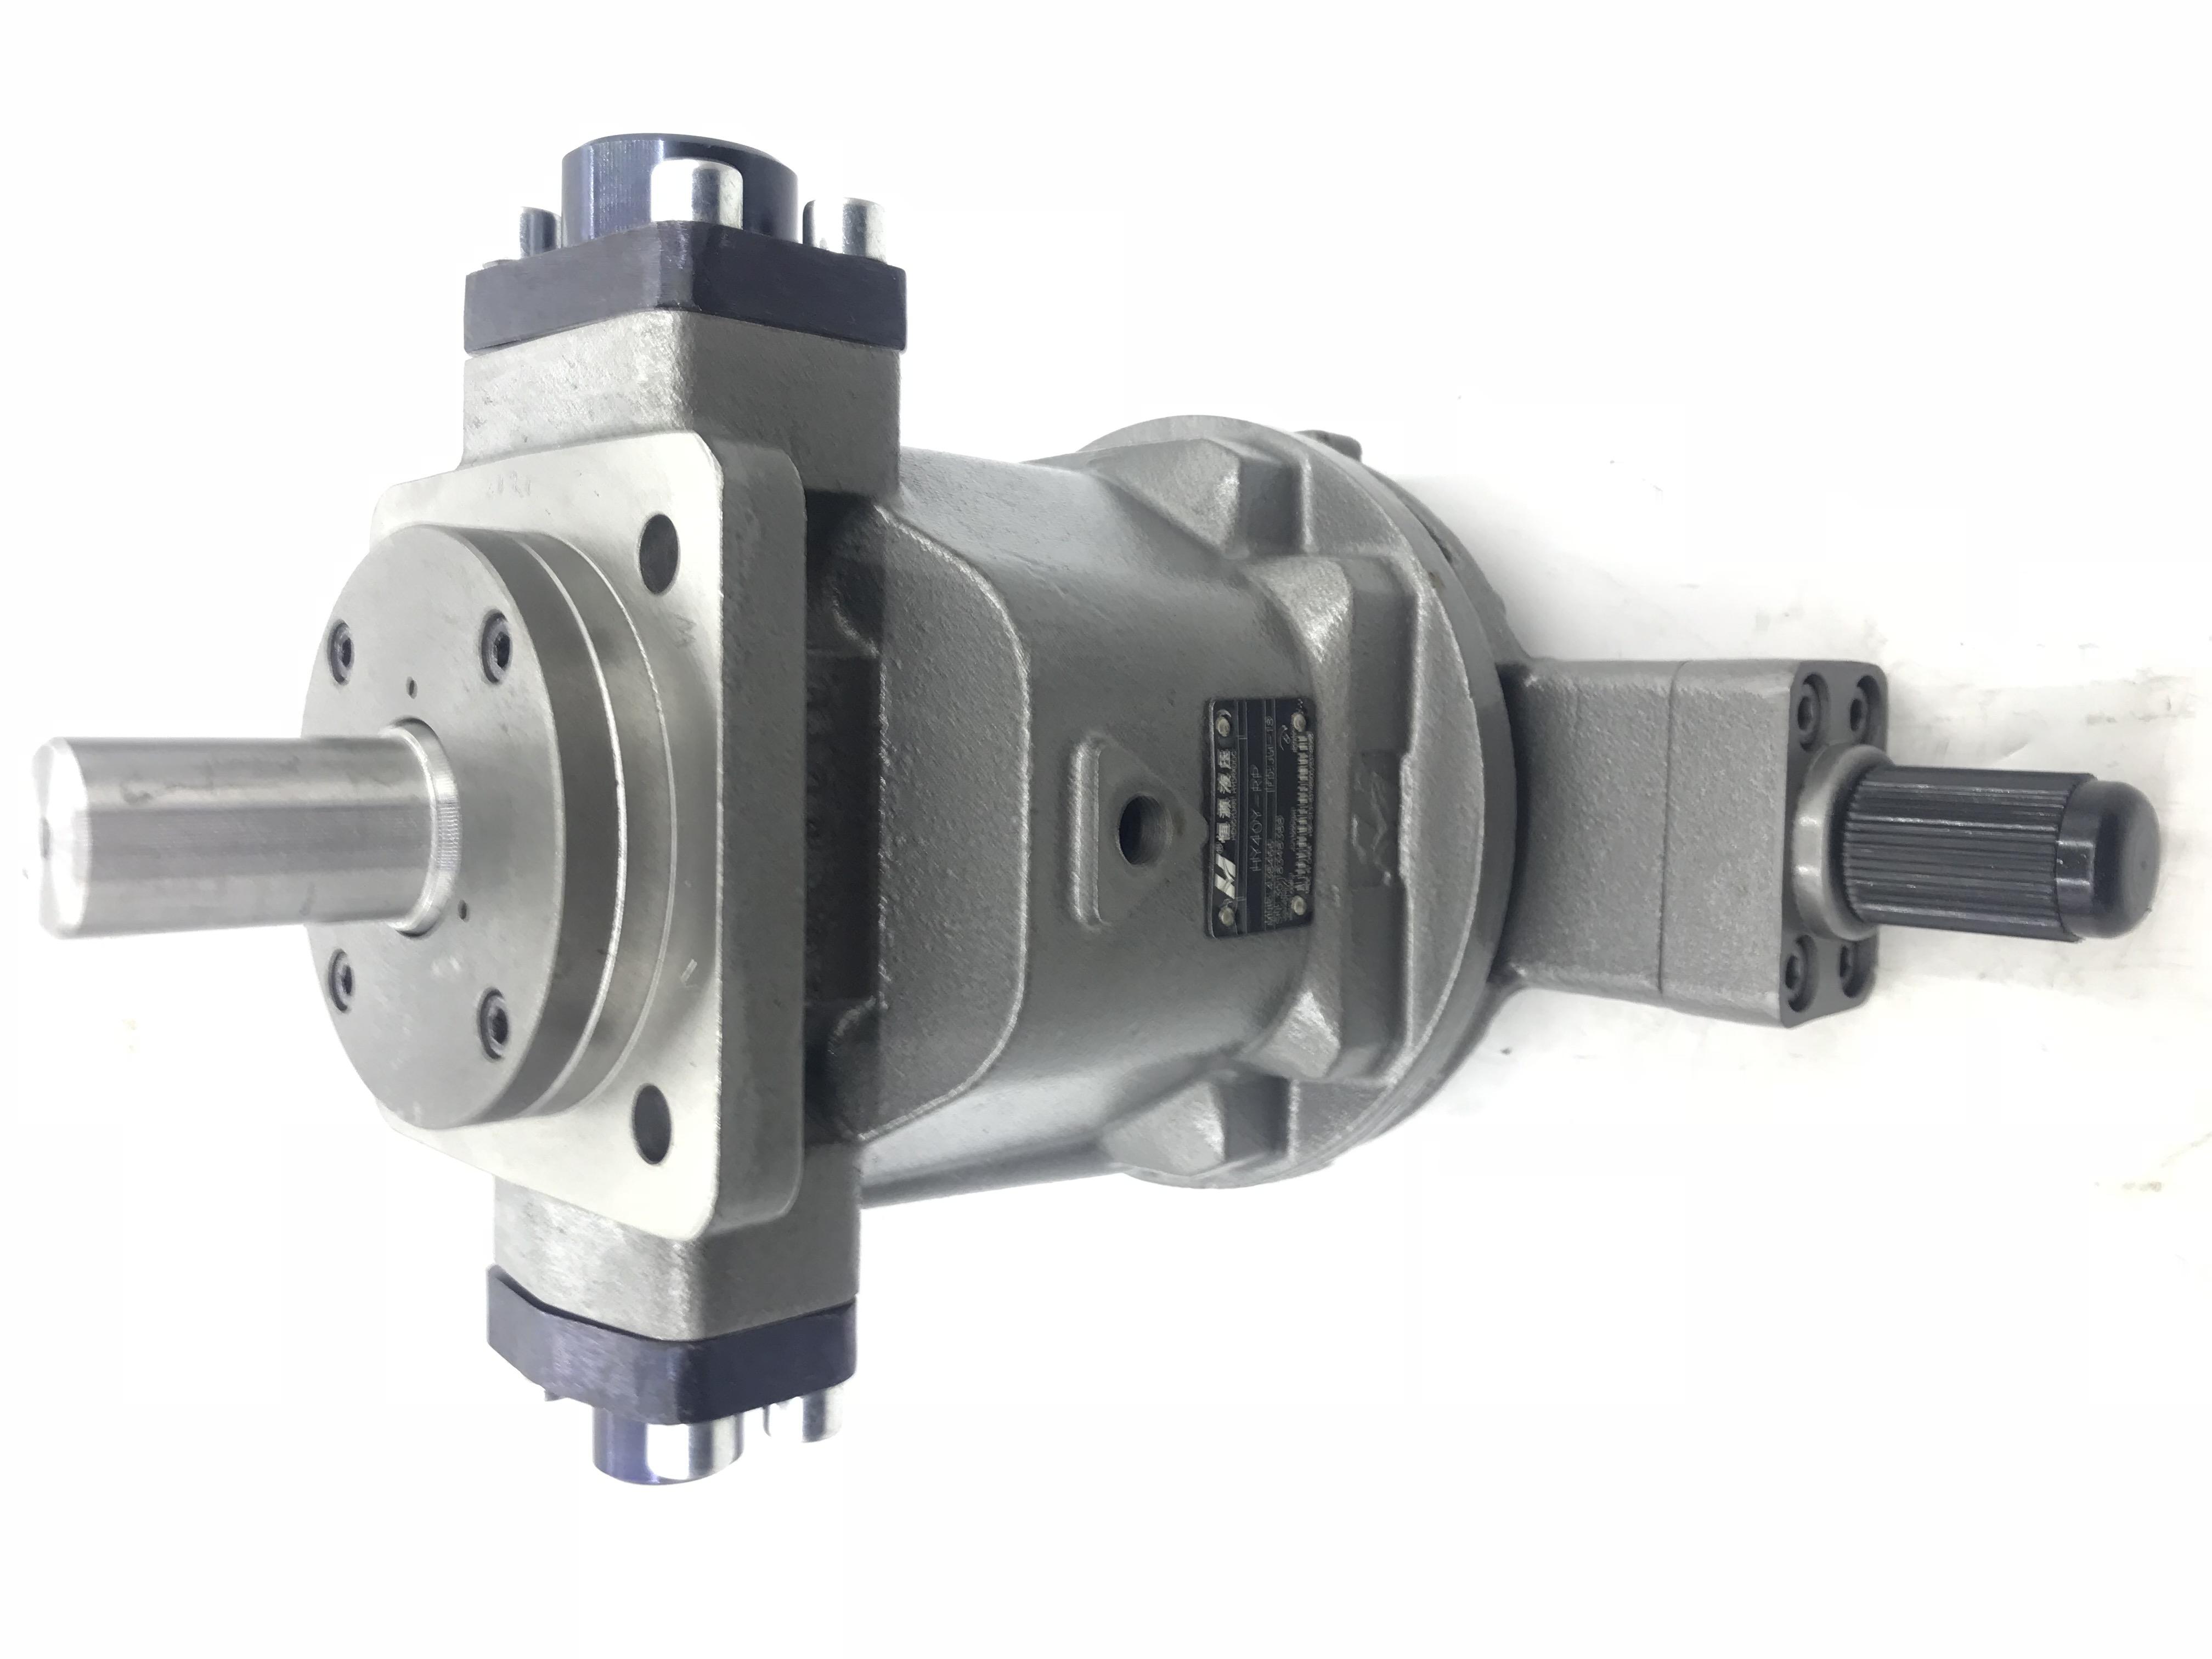 主要经营液压泵,柱塞泵,轴向柱塞泵,配油盘,回程盘,柱塞,止推板,缸体图片